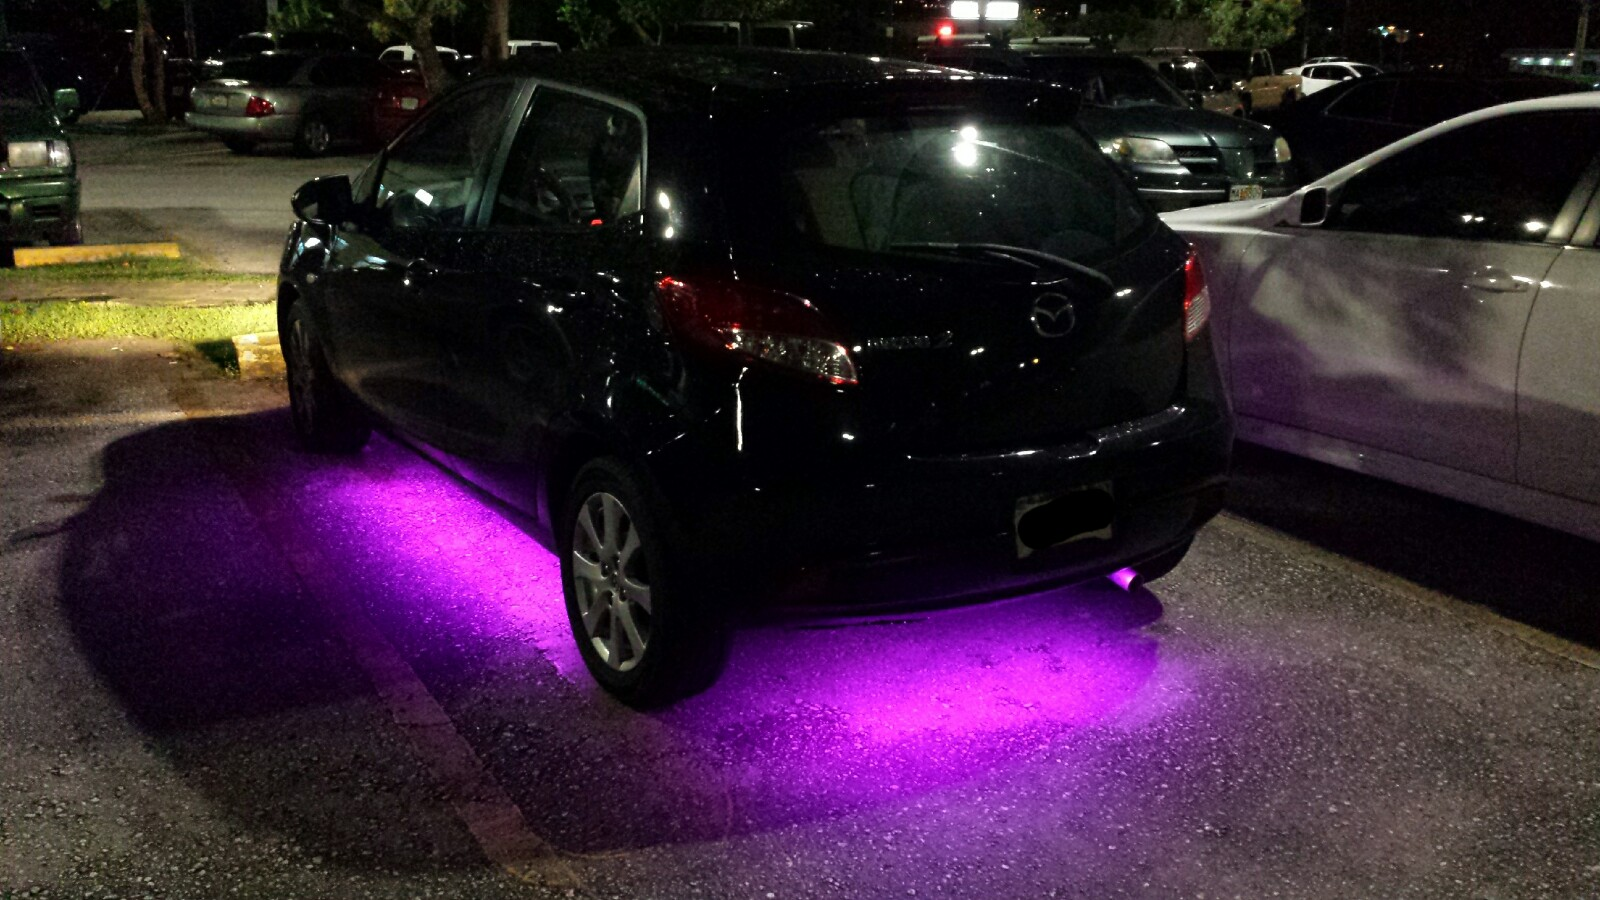 Mazda 2 Under Neon